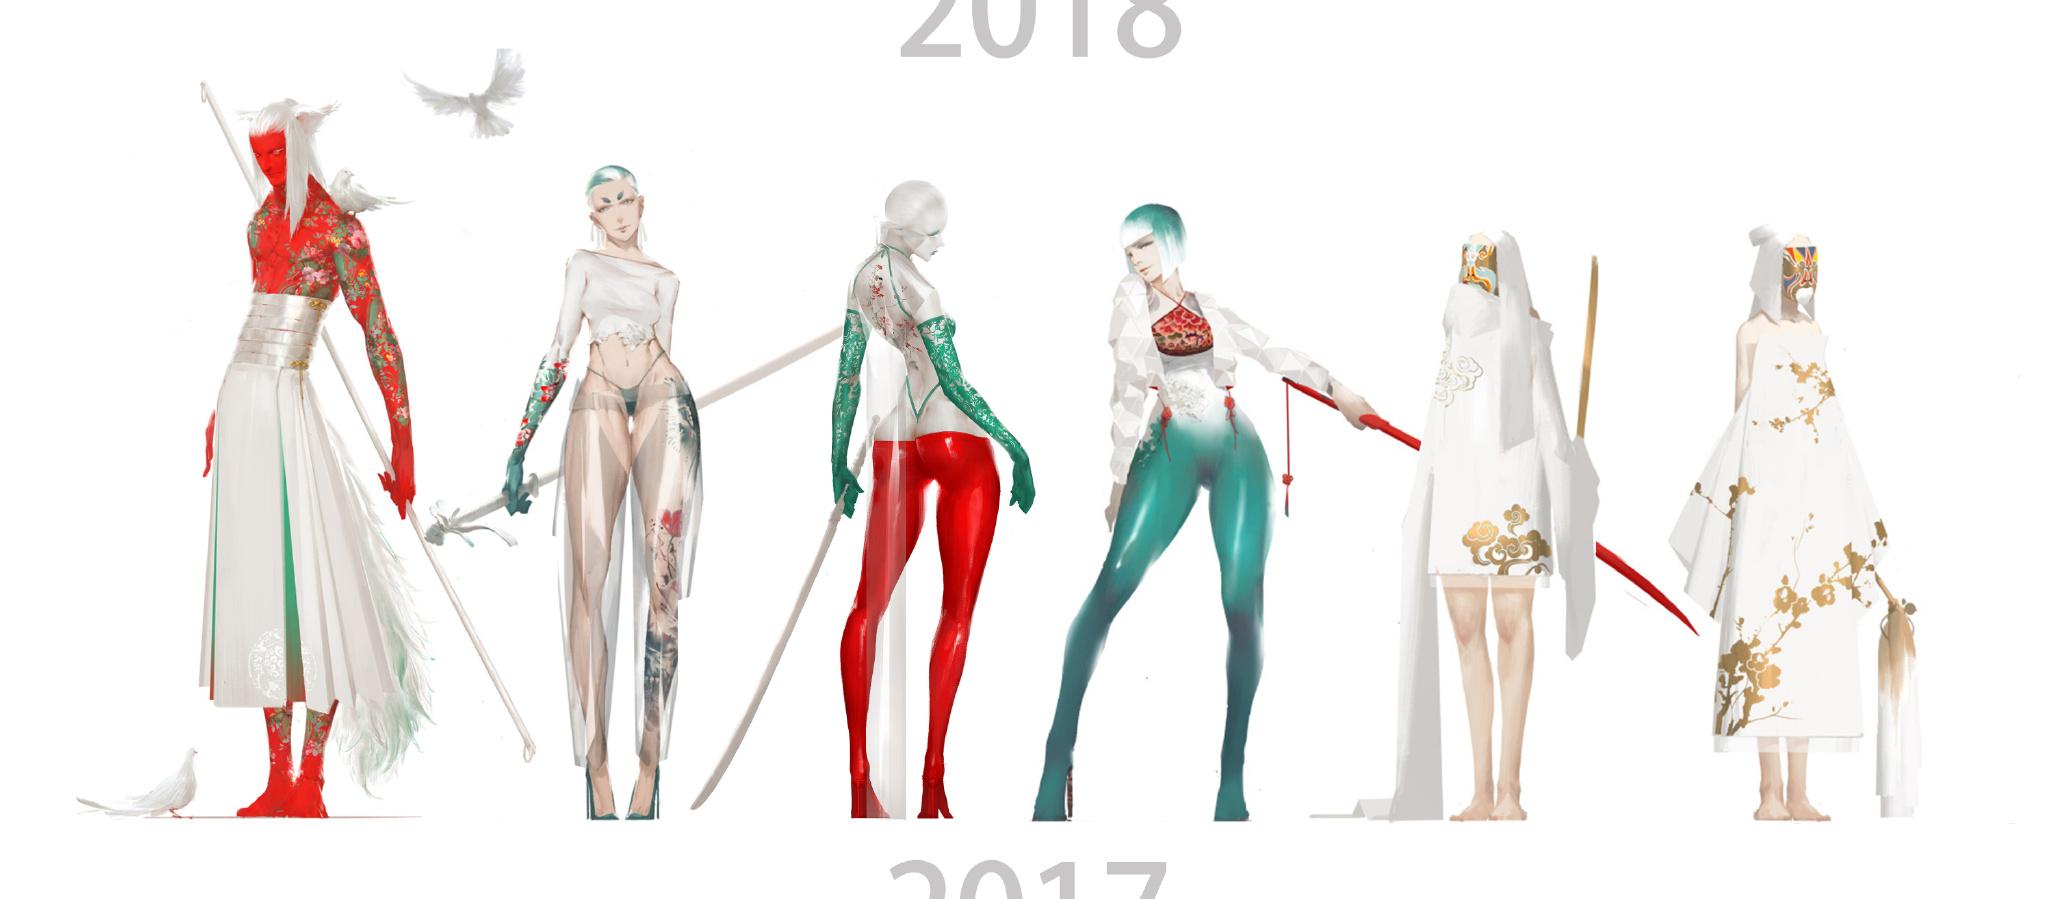 【秀上线】资深游戏角色概念设计师Amama L作品欣赏1